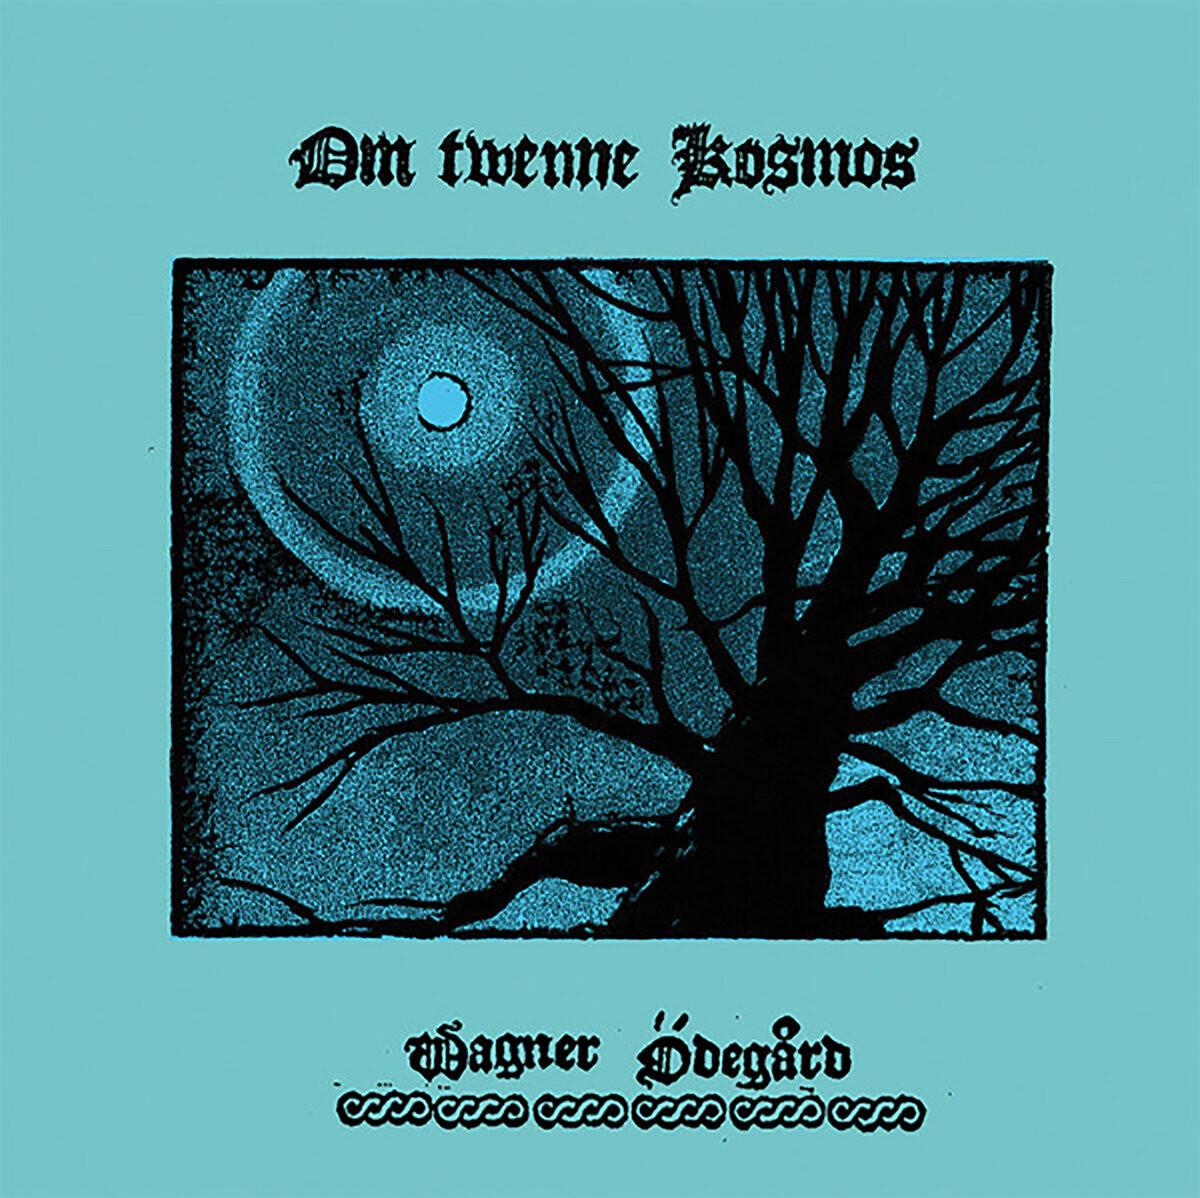 WAGNER ÖDEGÅRD (SWE) 'Om Twenne Kosmos'  [LP 45rpm]